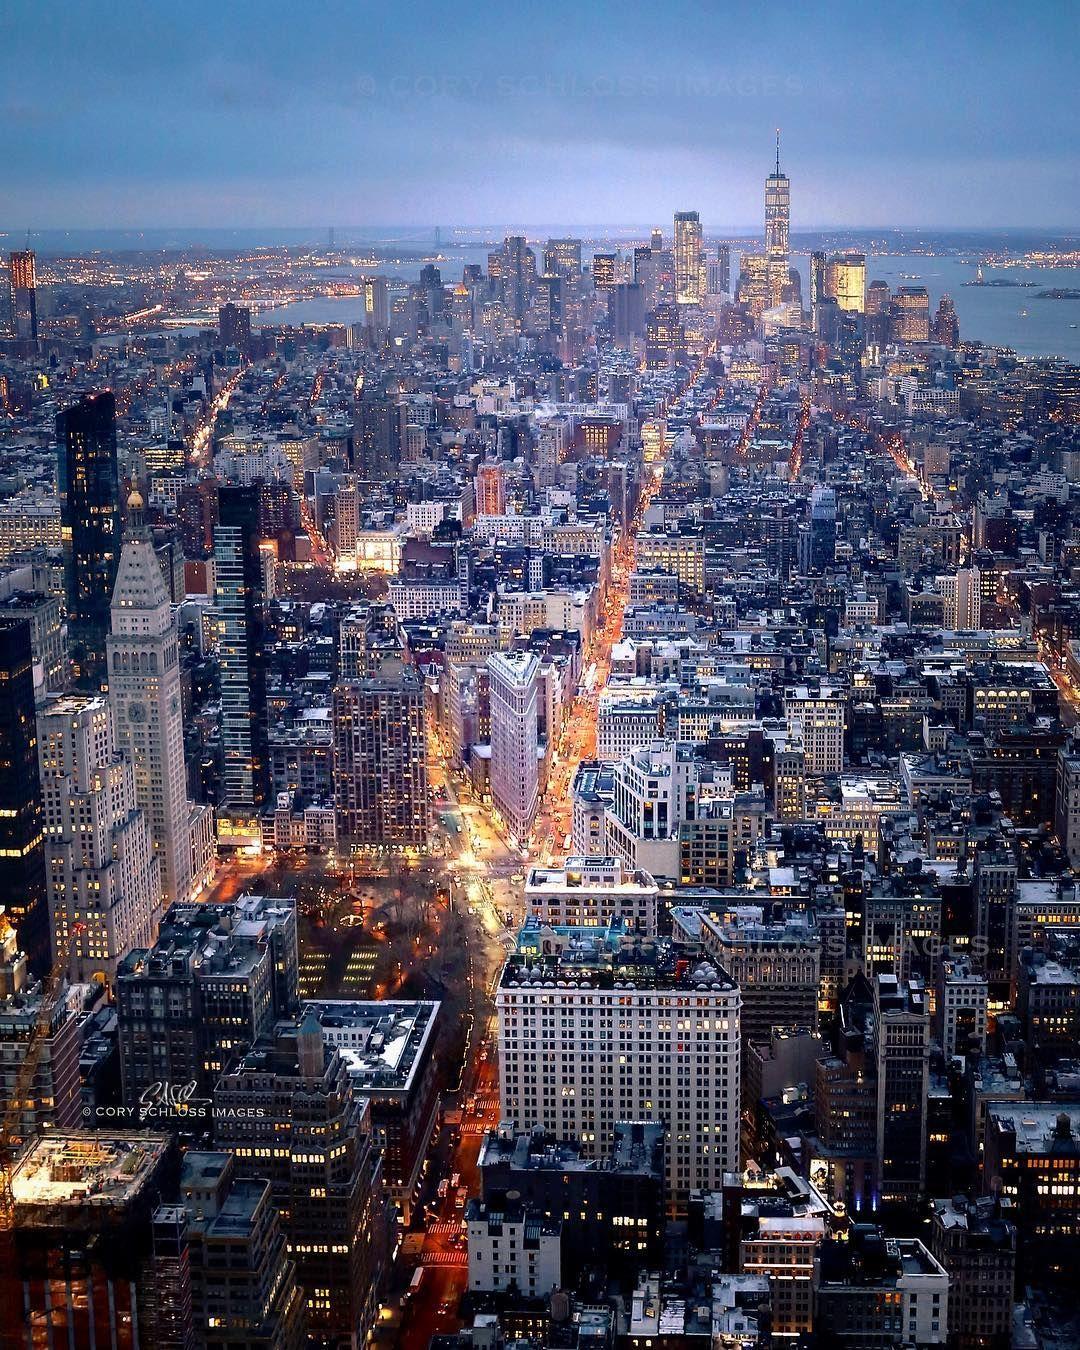 Coryschlossimages I Dankurtzmanphotography Book New York City New York Travel City New York City